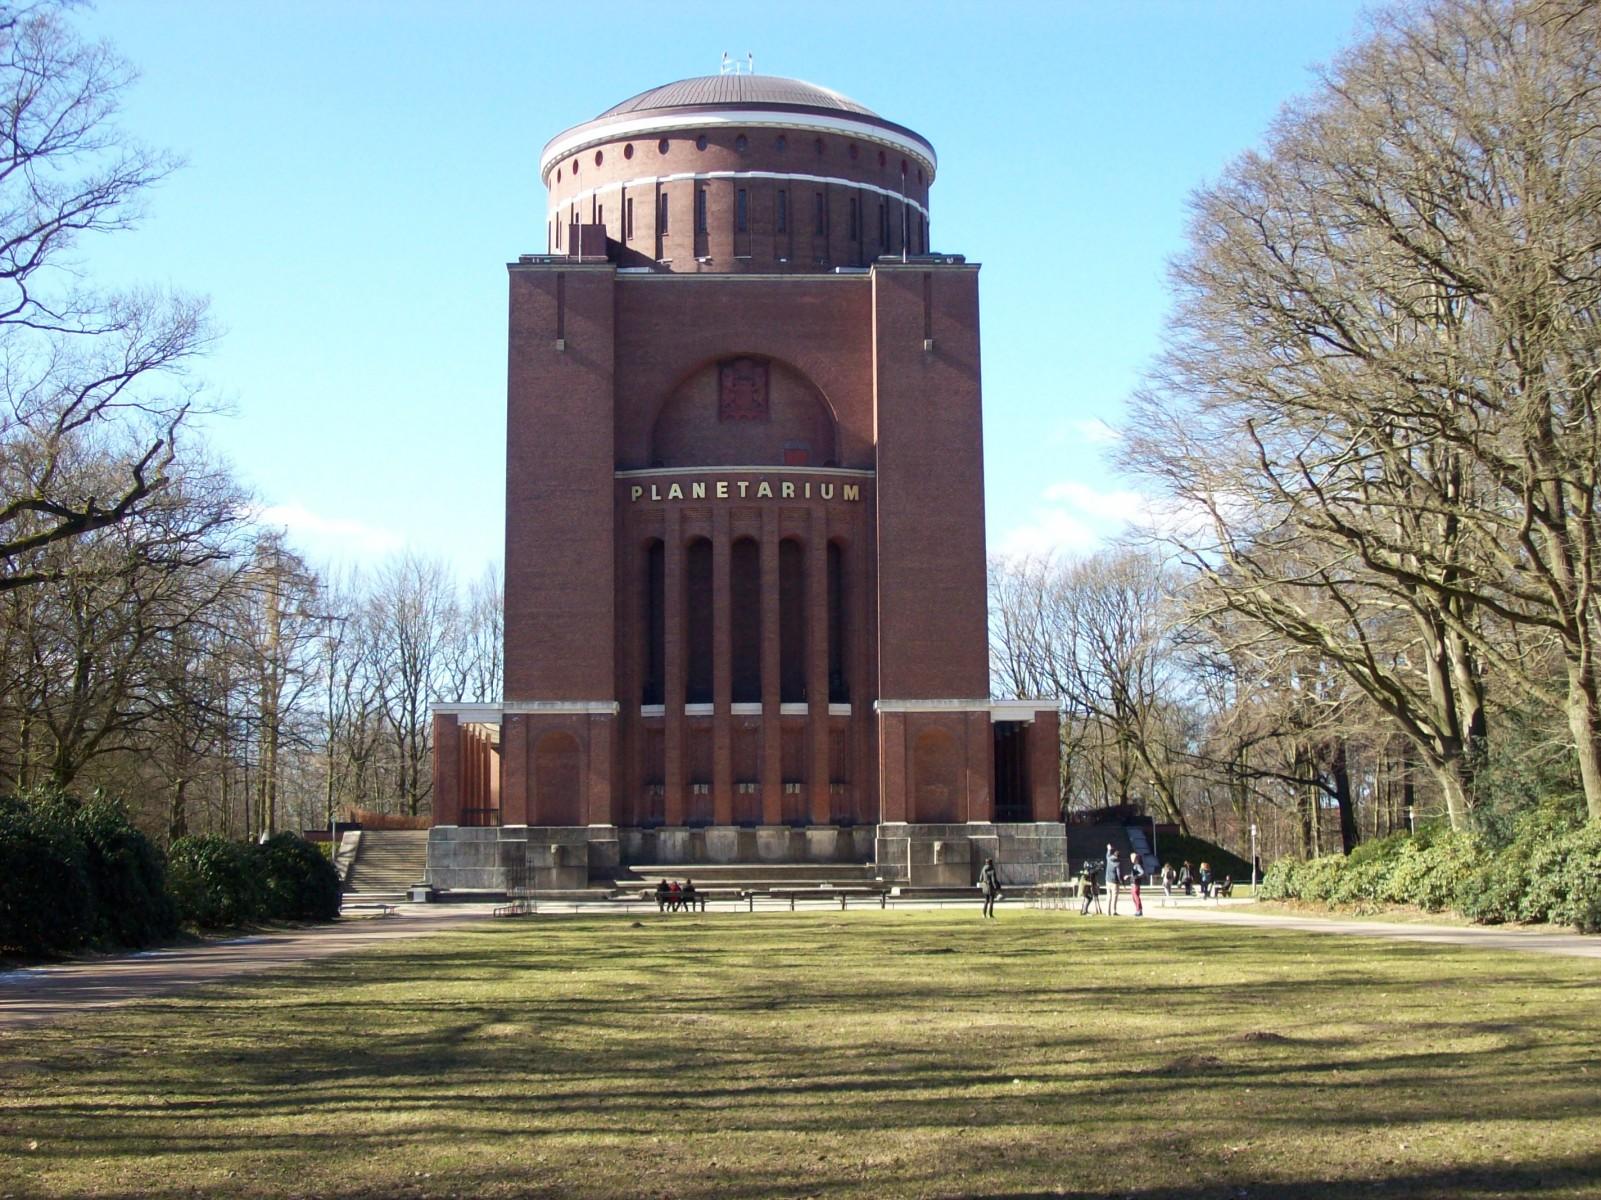 Planetarium Herbst 2021 - Union Reiseteam